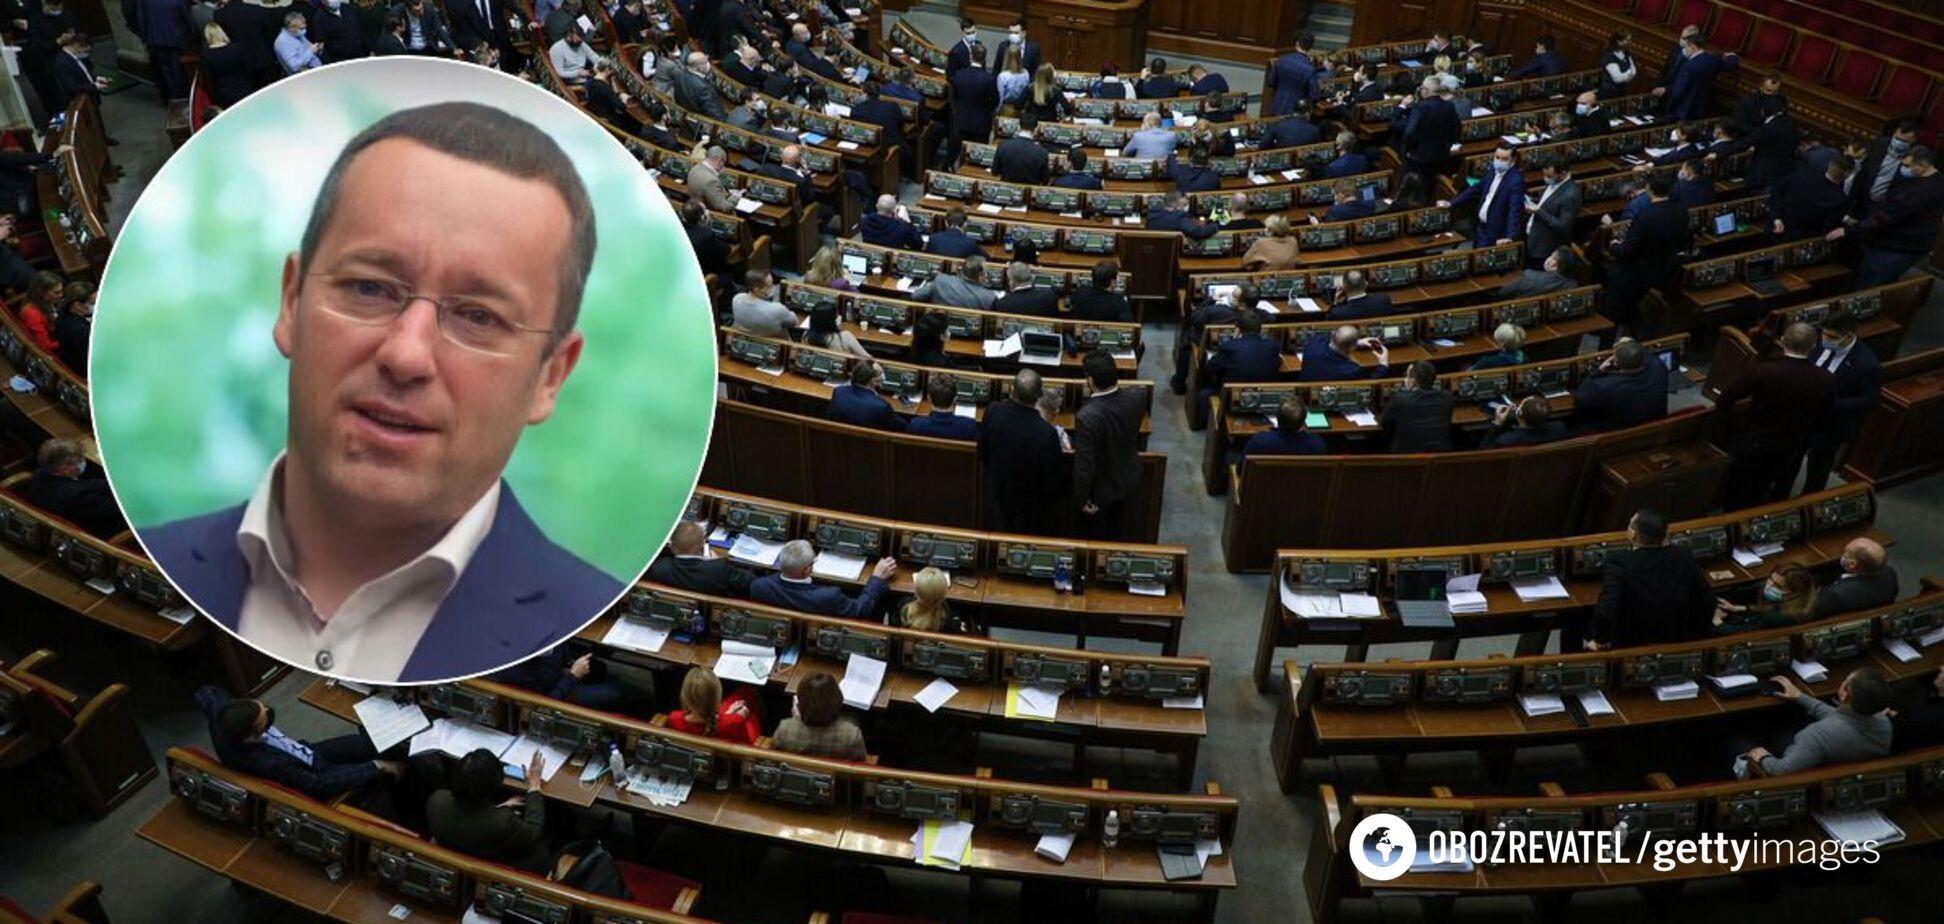 'Слугу' подловили за просмотром интимного фото на заседании Рады: что о нем известно